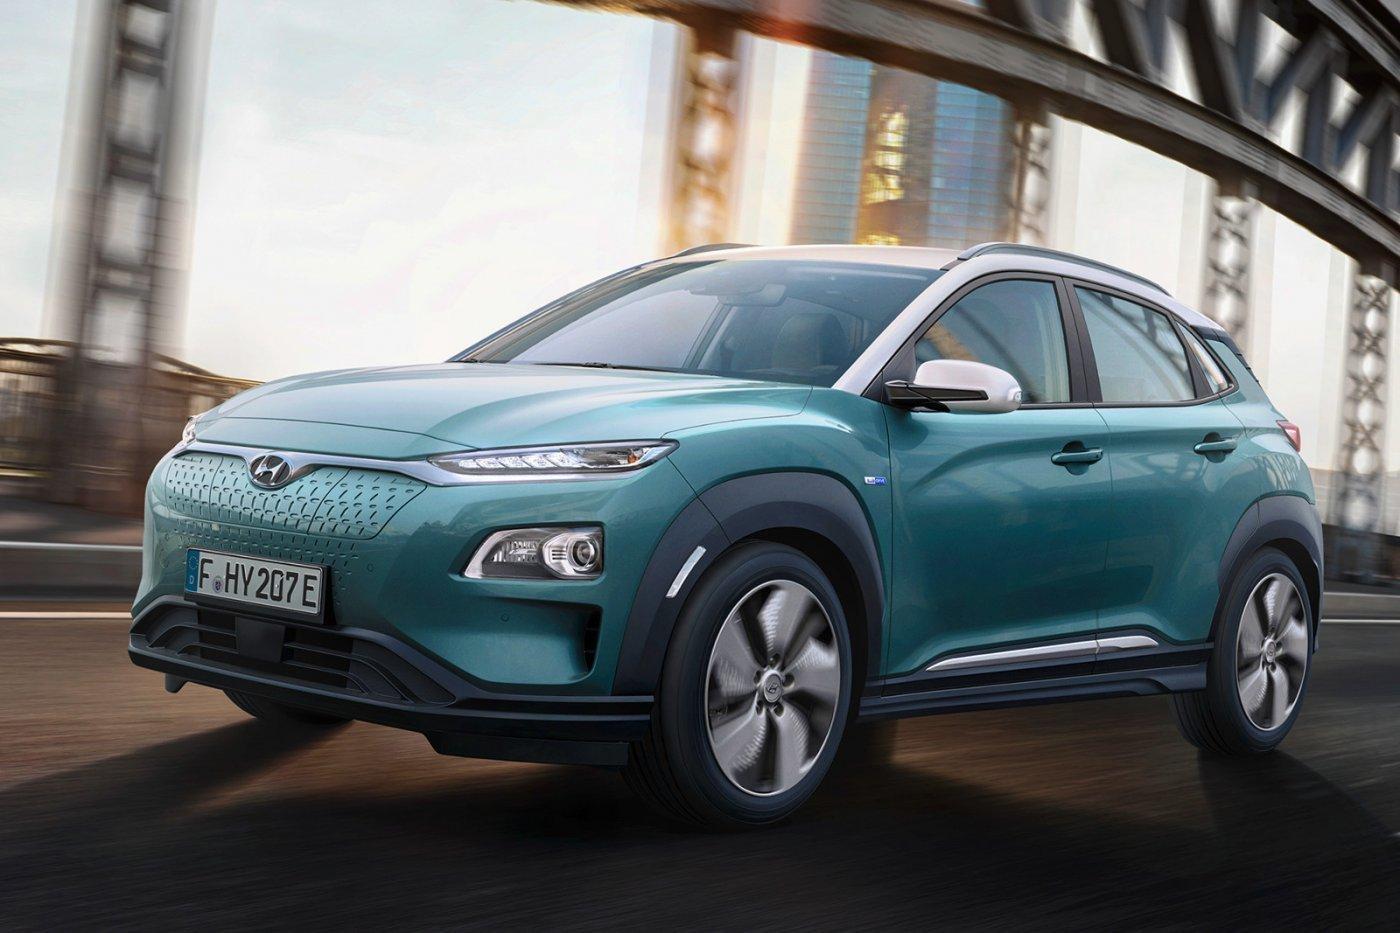 Két változatban jön az elektromos Hyundai Kona kompakt szabadidő-autó